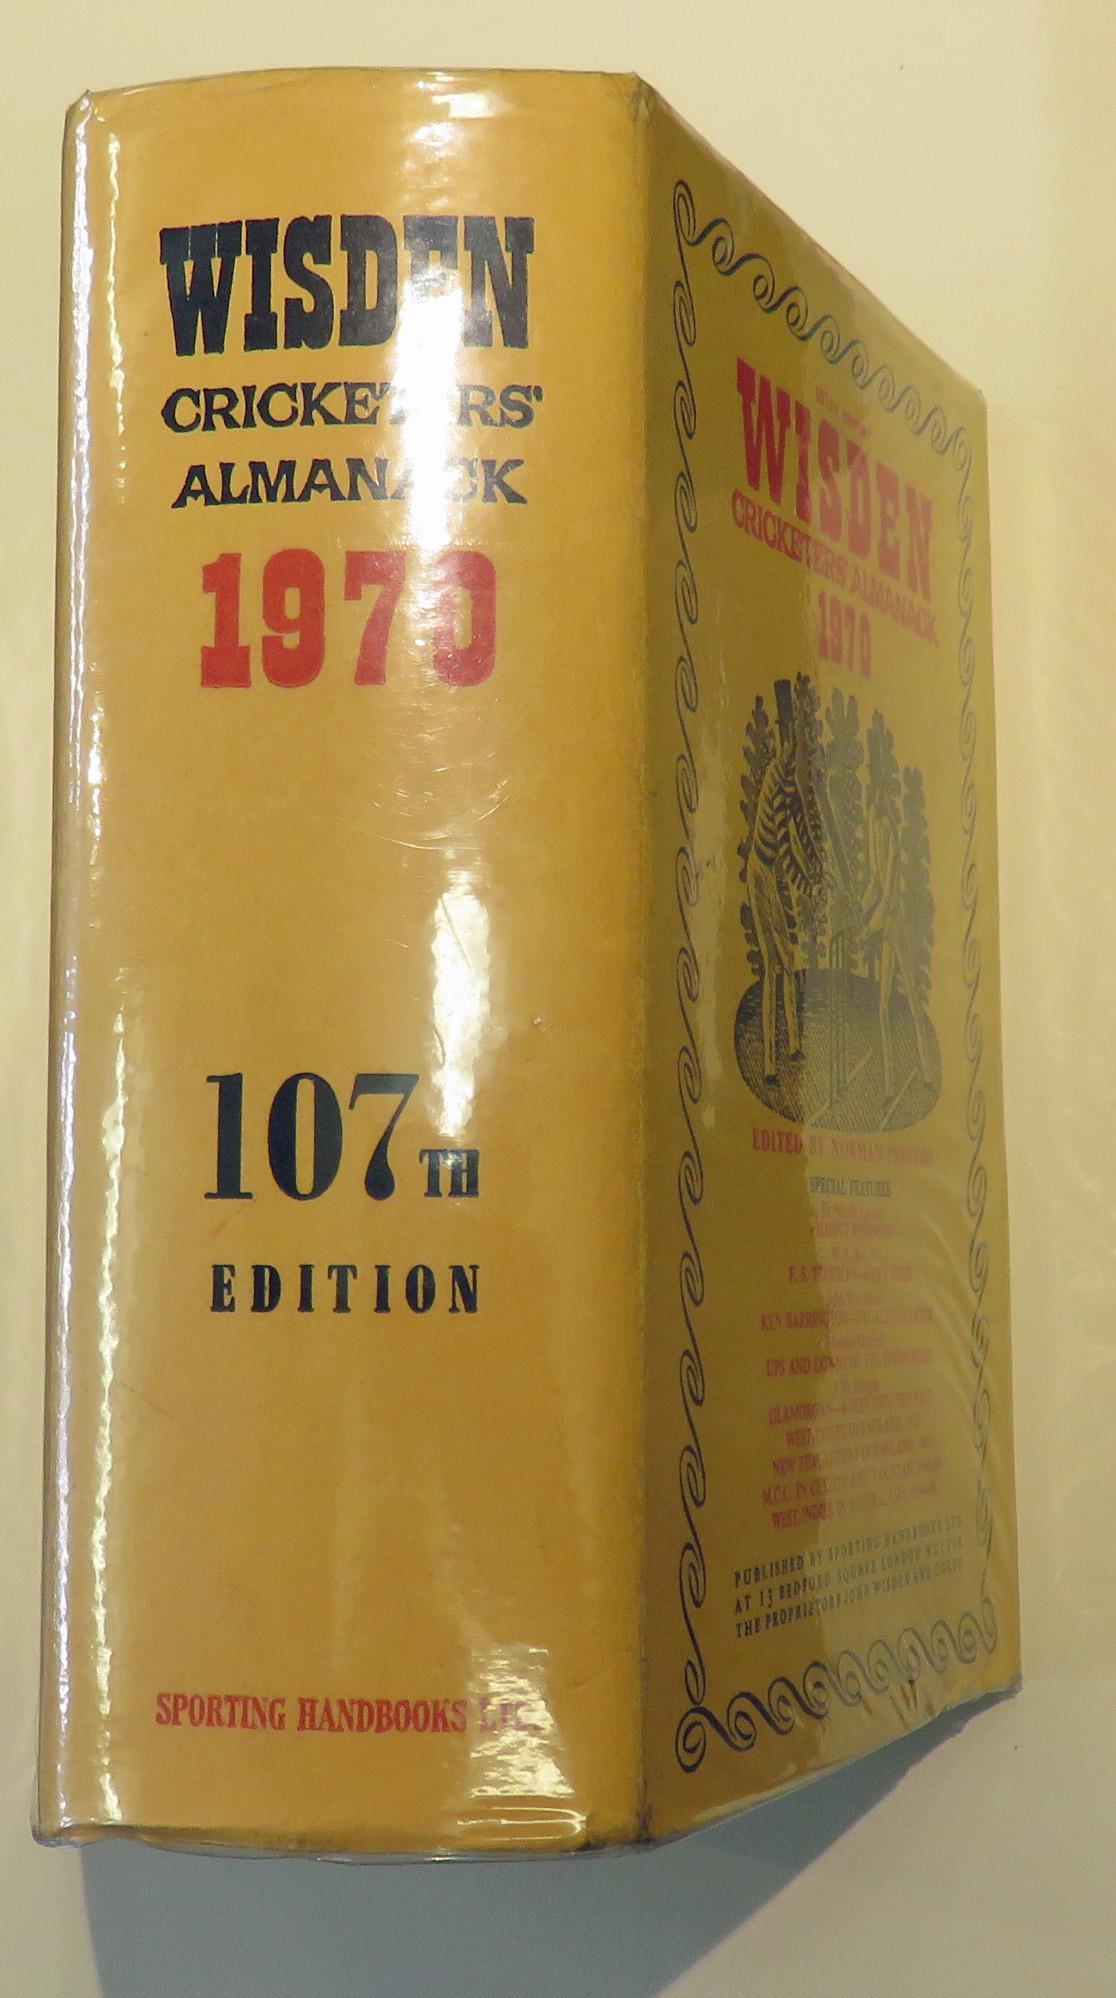 Wisden Cricketers' Almanack 1970